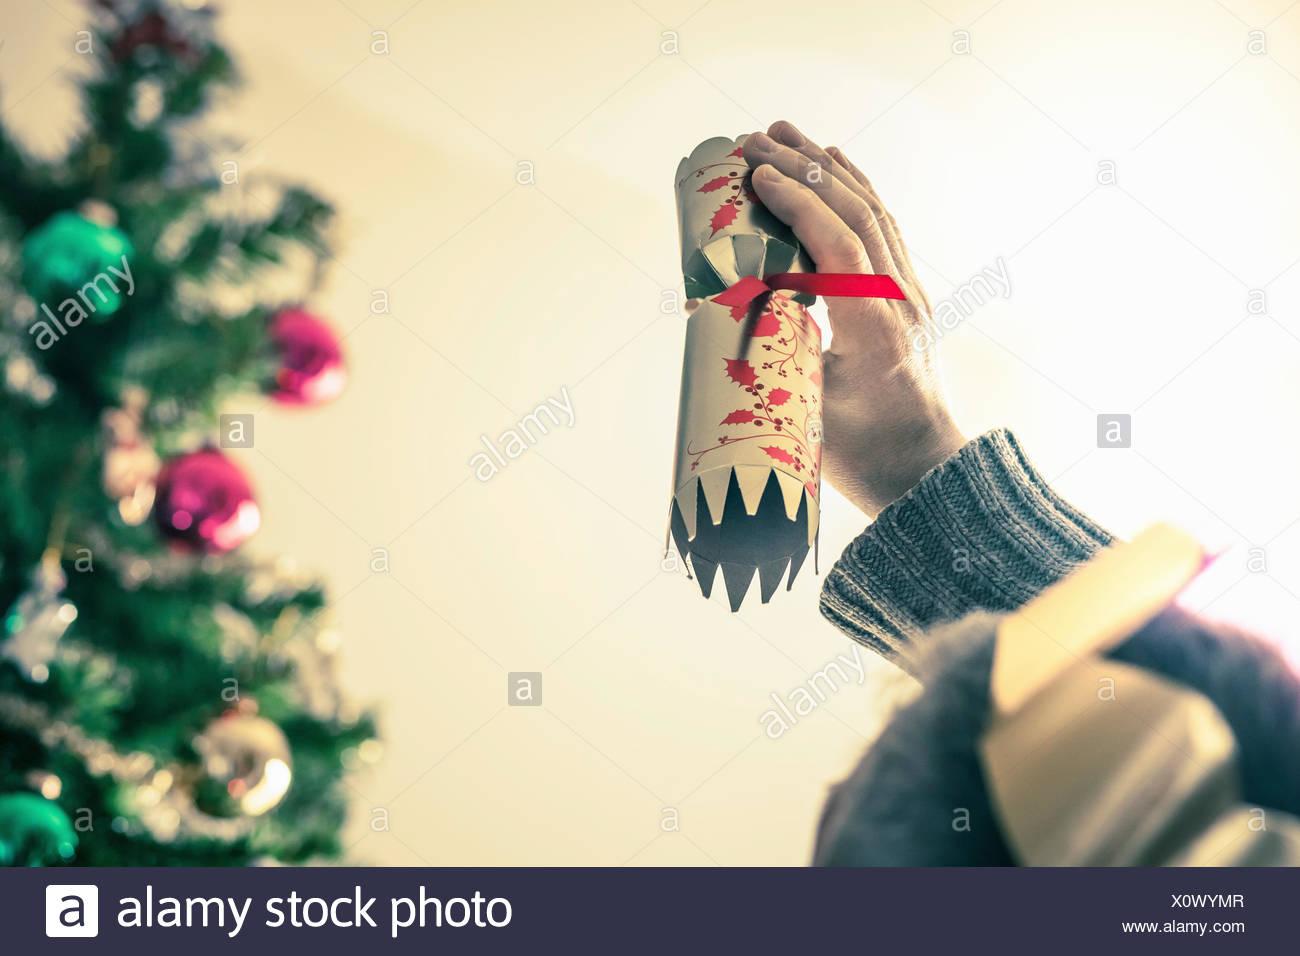 Persona sosteniendo utilizado cracker de Navidad Imagen De Stock